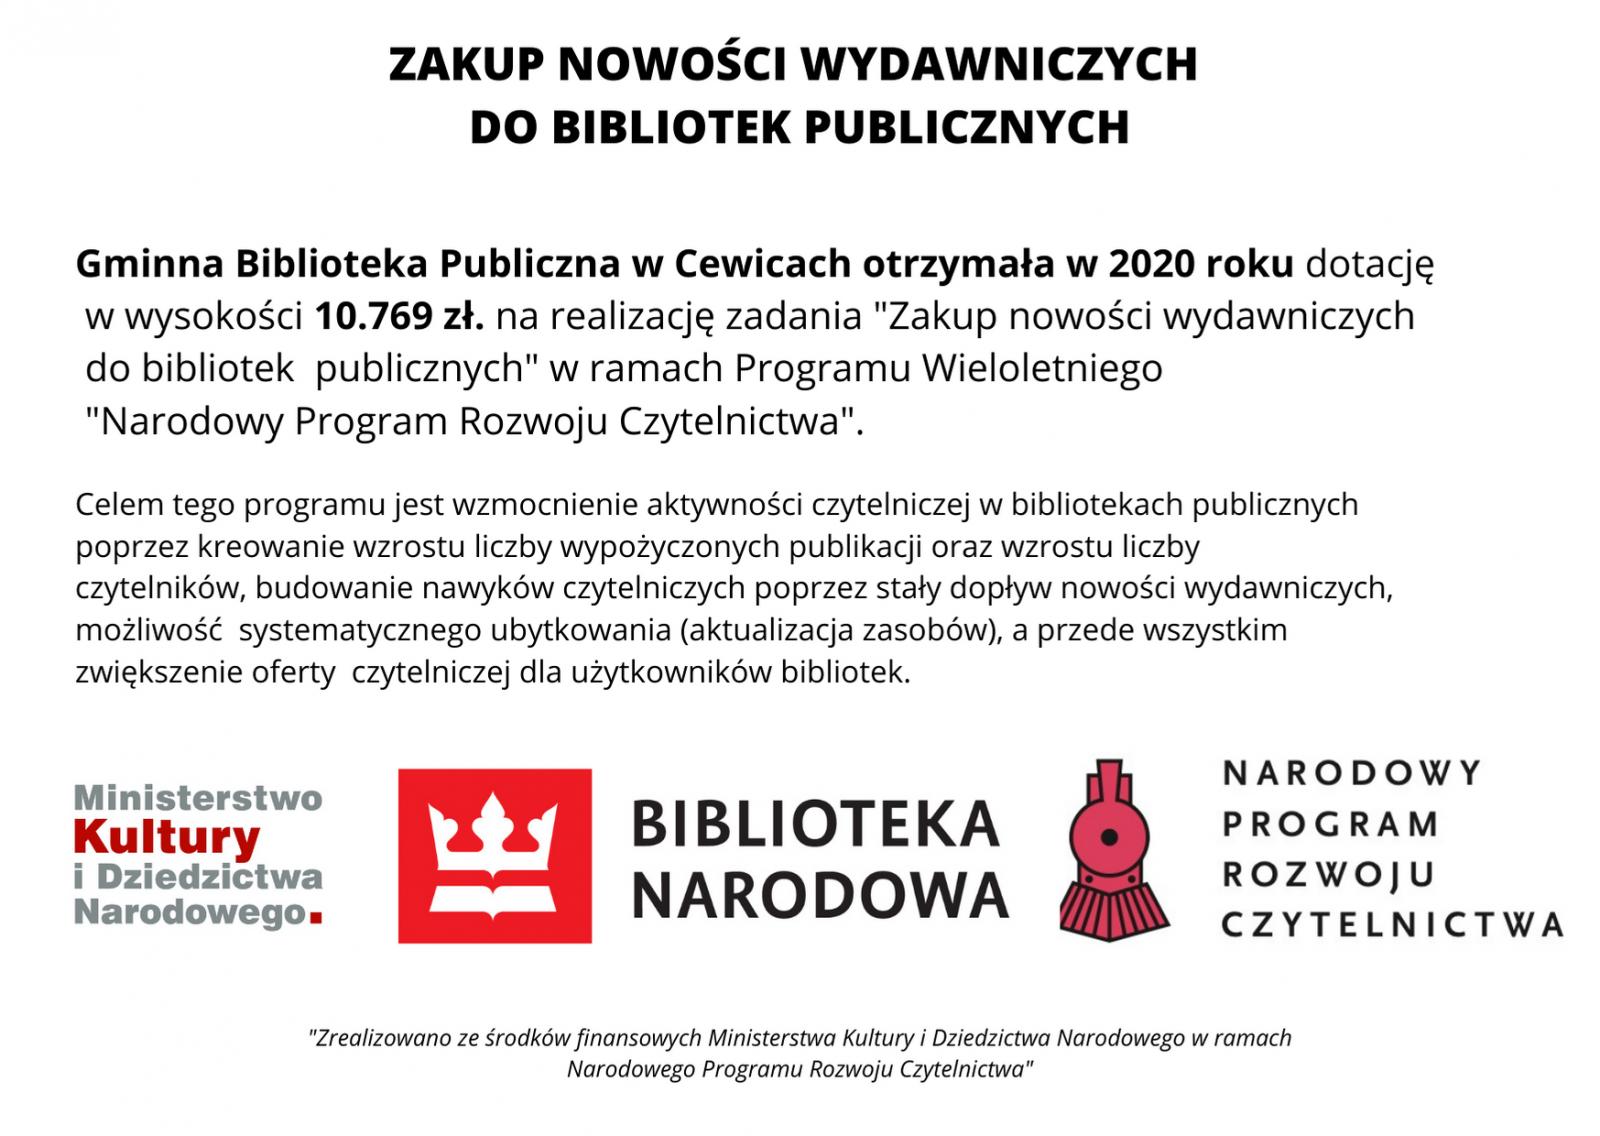 """Gminna Biblioteka Publiczna w Cewicach otrzymała w 2020 roku  dotację w wysokości 10 769 zł na realizację zadania """"Zakup nowości wydawniczych do bibliotek publicznych"""" w ramach Programu Wieloletniego """"Narodowy Program Rozwoju Czytelnictwa"""""""